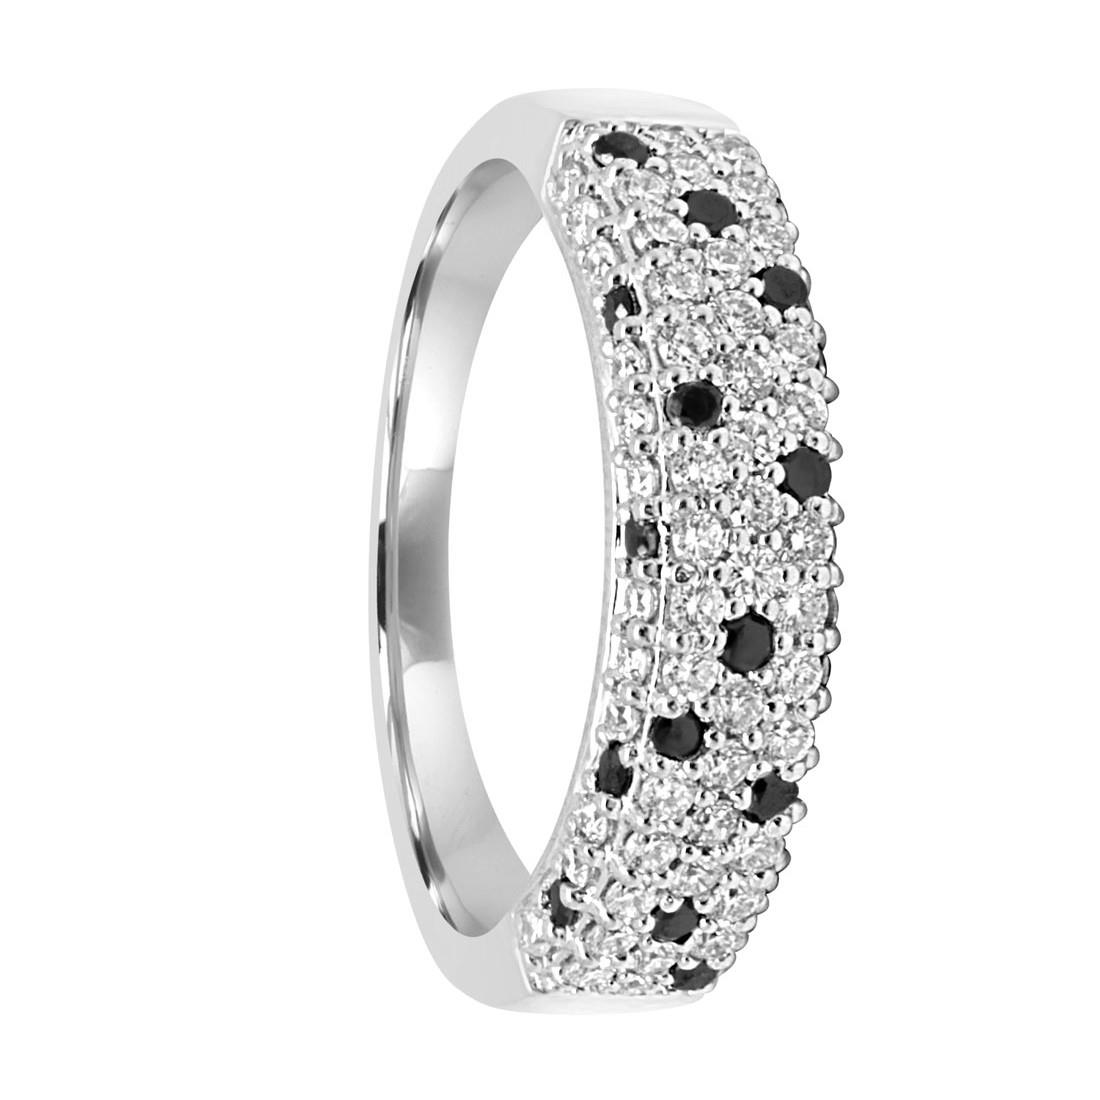 Anello in oro bianco con diamanti bianchi e neri ct 0.80 misura 16 - SALVINI